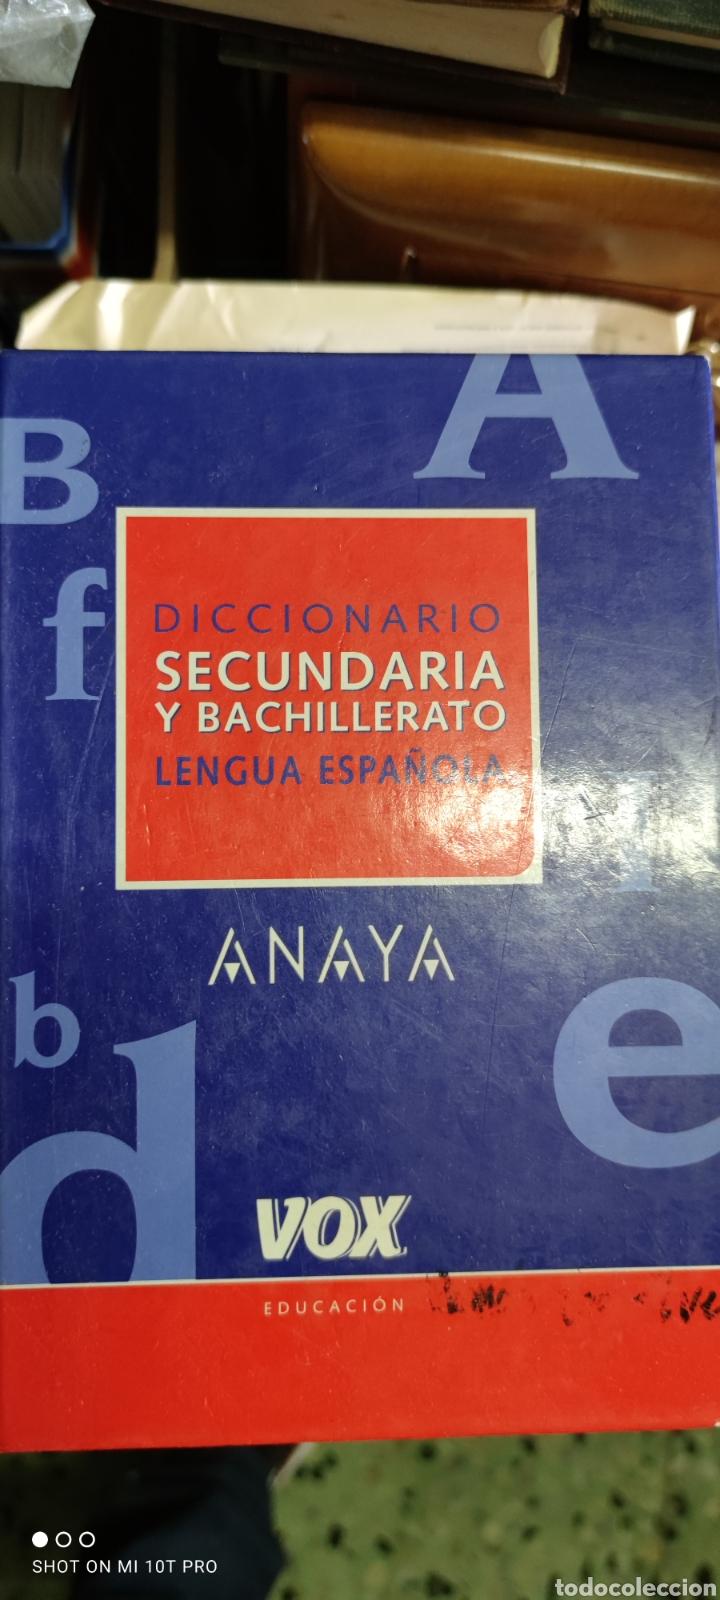 DICCIONARIO SECUNDARIA Y BACHILLERATO LENGUA ESPAÑOLA (Libros Nuevos - Diccionarios y Enciclopedias - Diccionarios)